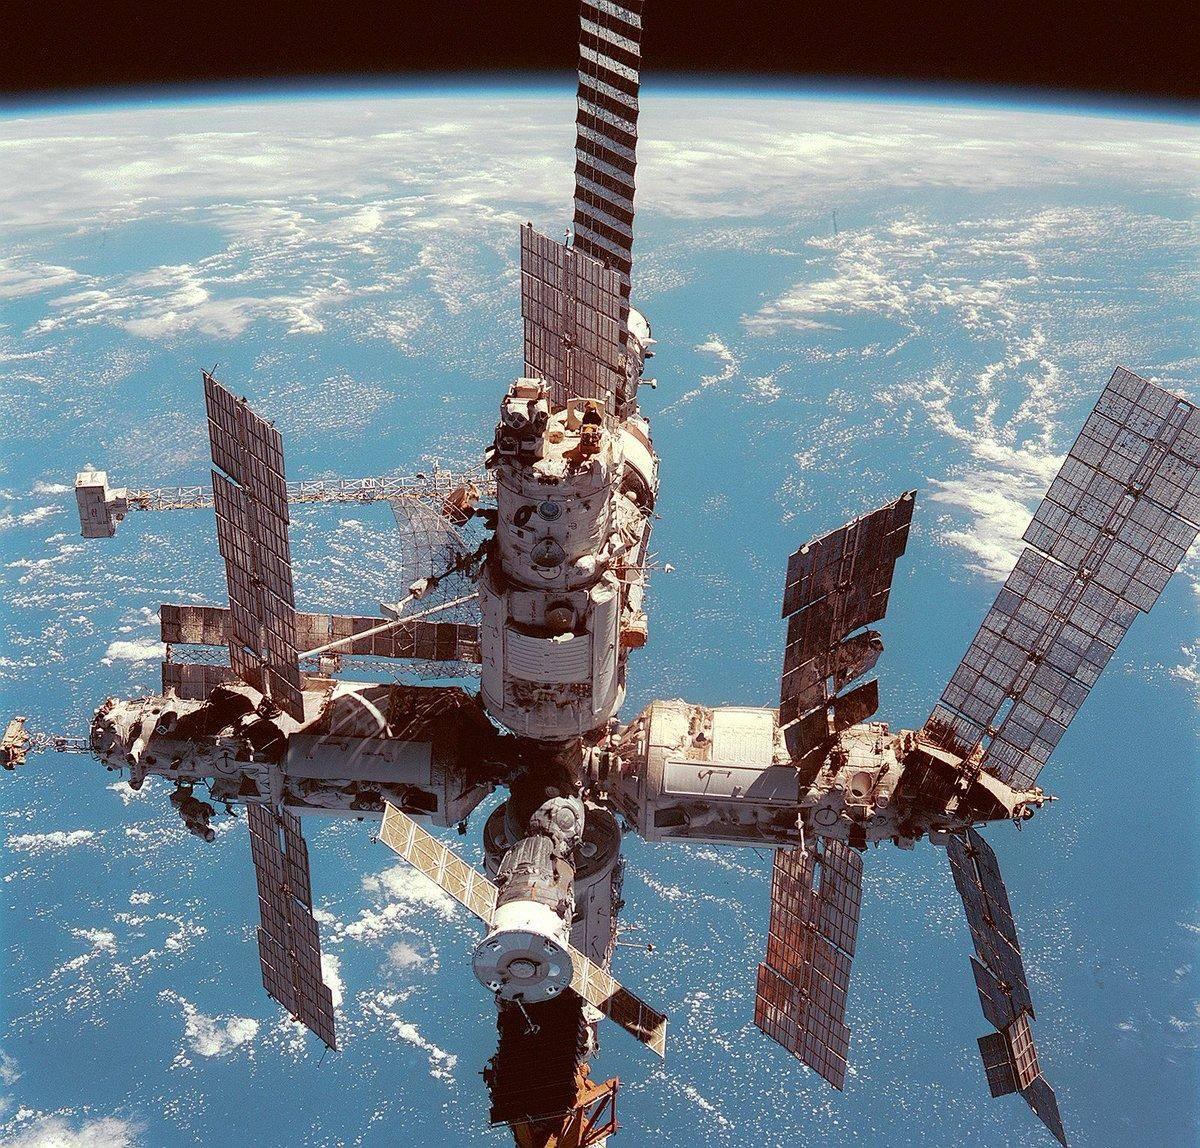 太空垃圾四散漂浮,连环撞击愈加平凡,人类将被困进自建的围城?